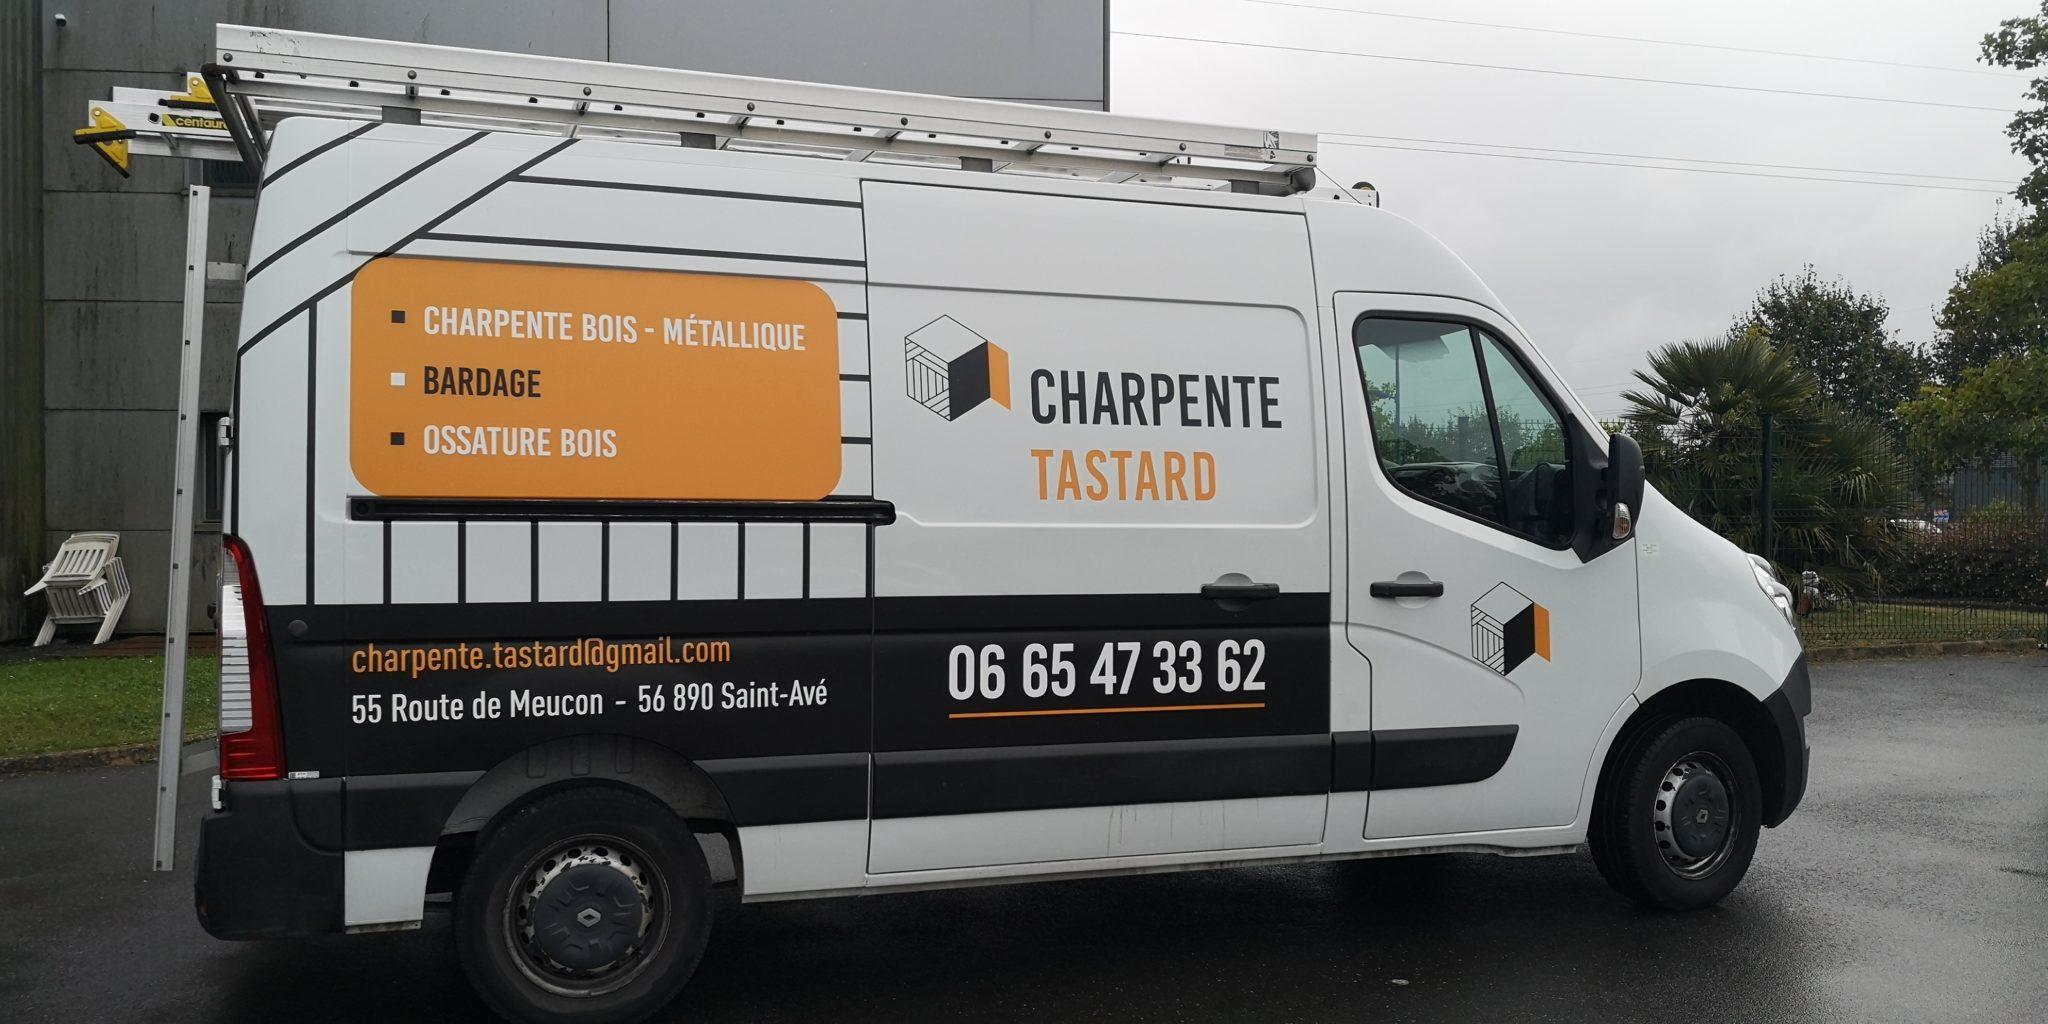 Charpente Tastard1